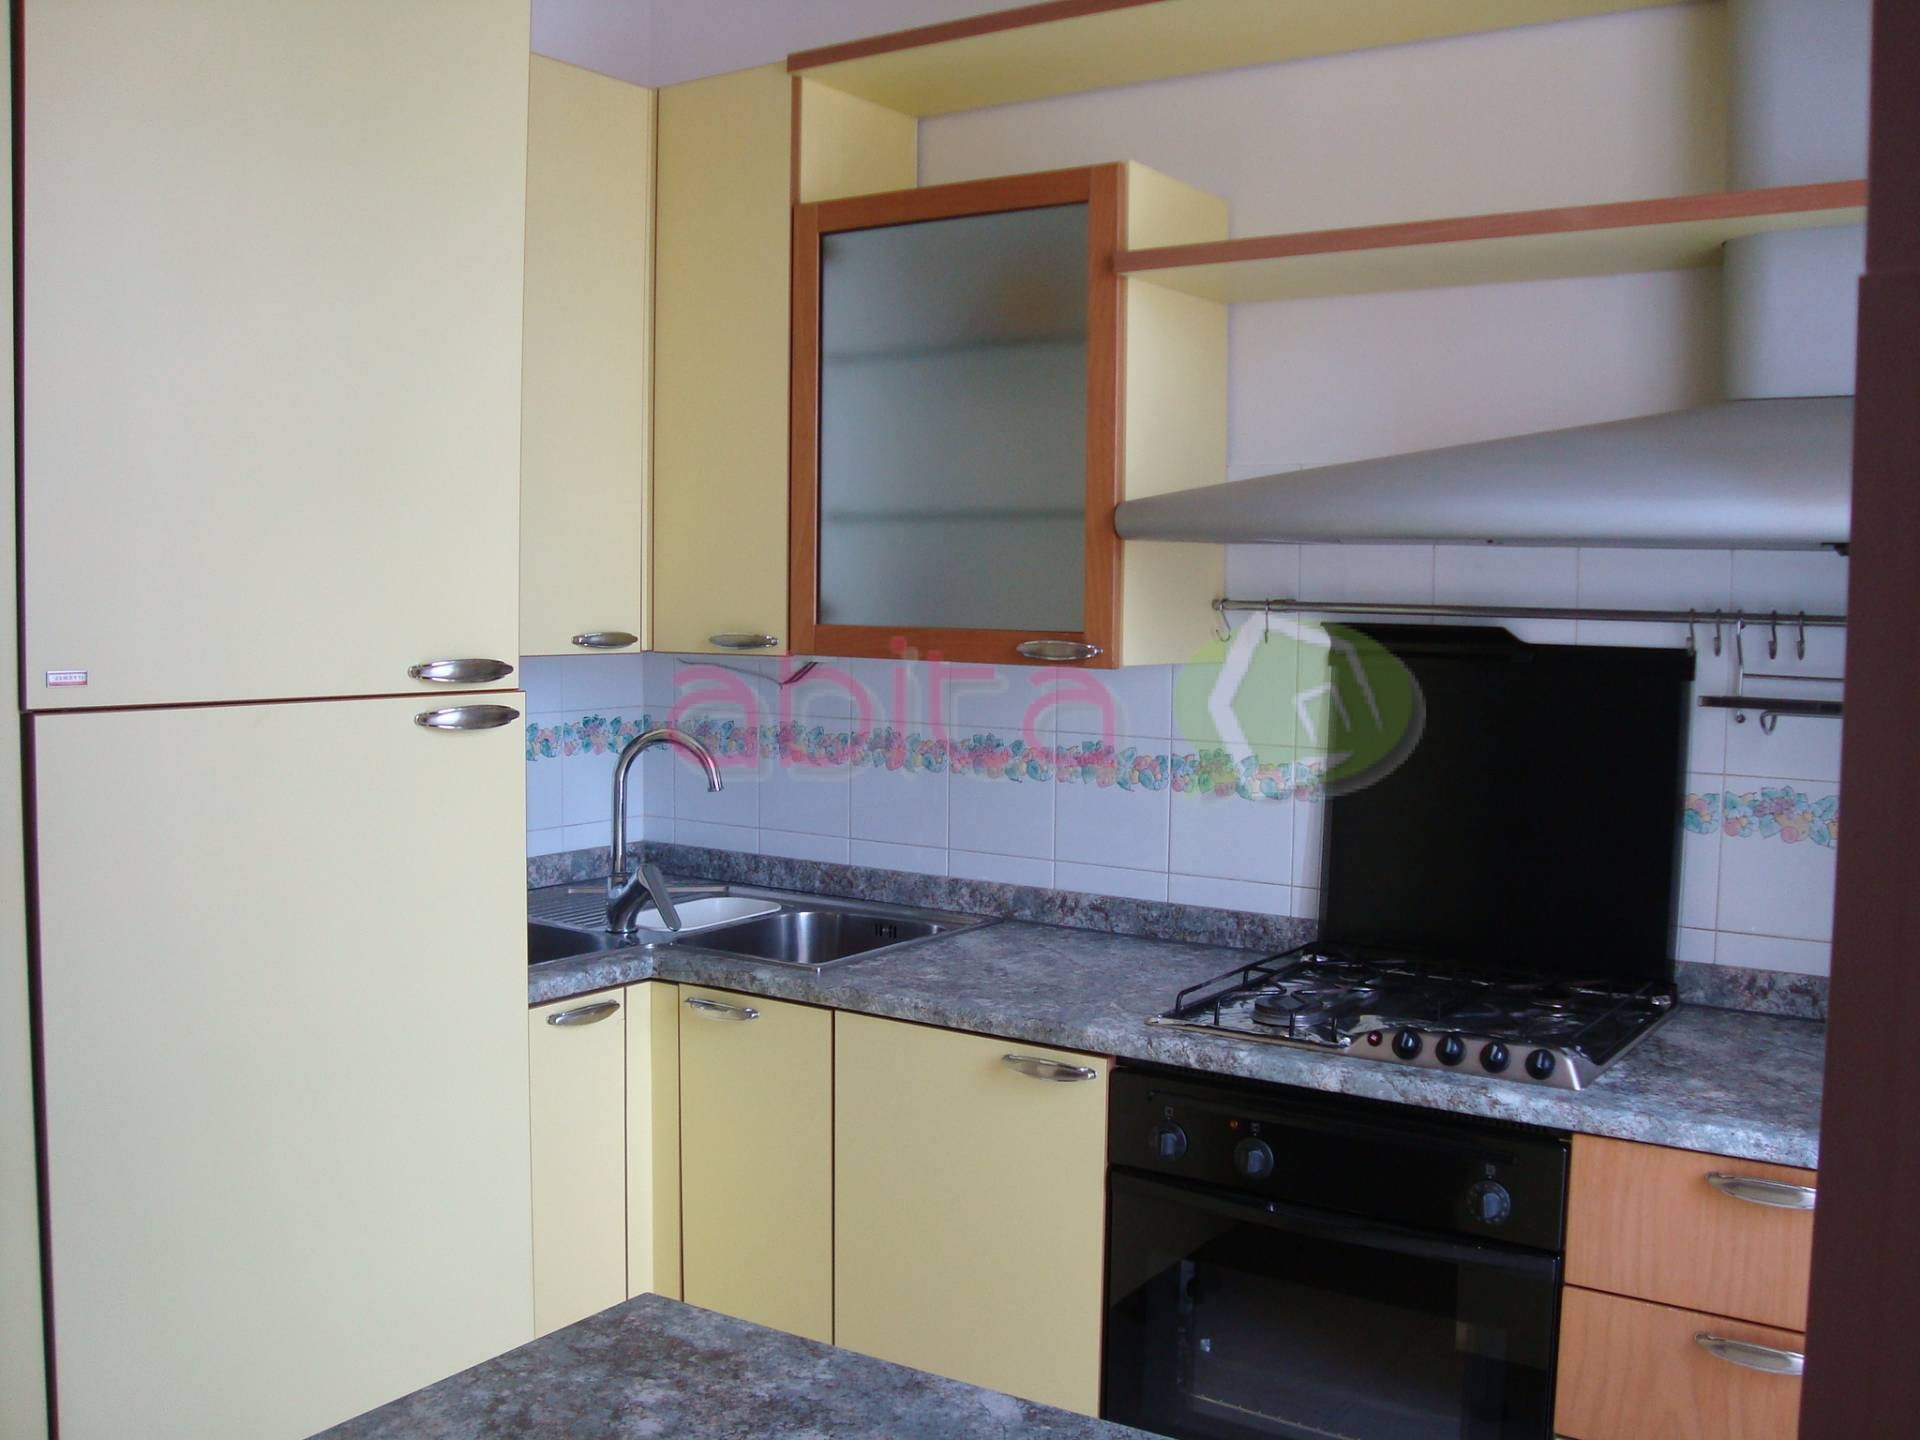 Appartamento in vendita a Spinetoli, 3 locali, zona Località: PagliaredelTronto, prezzo € 68.000 | CambioCasa.it